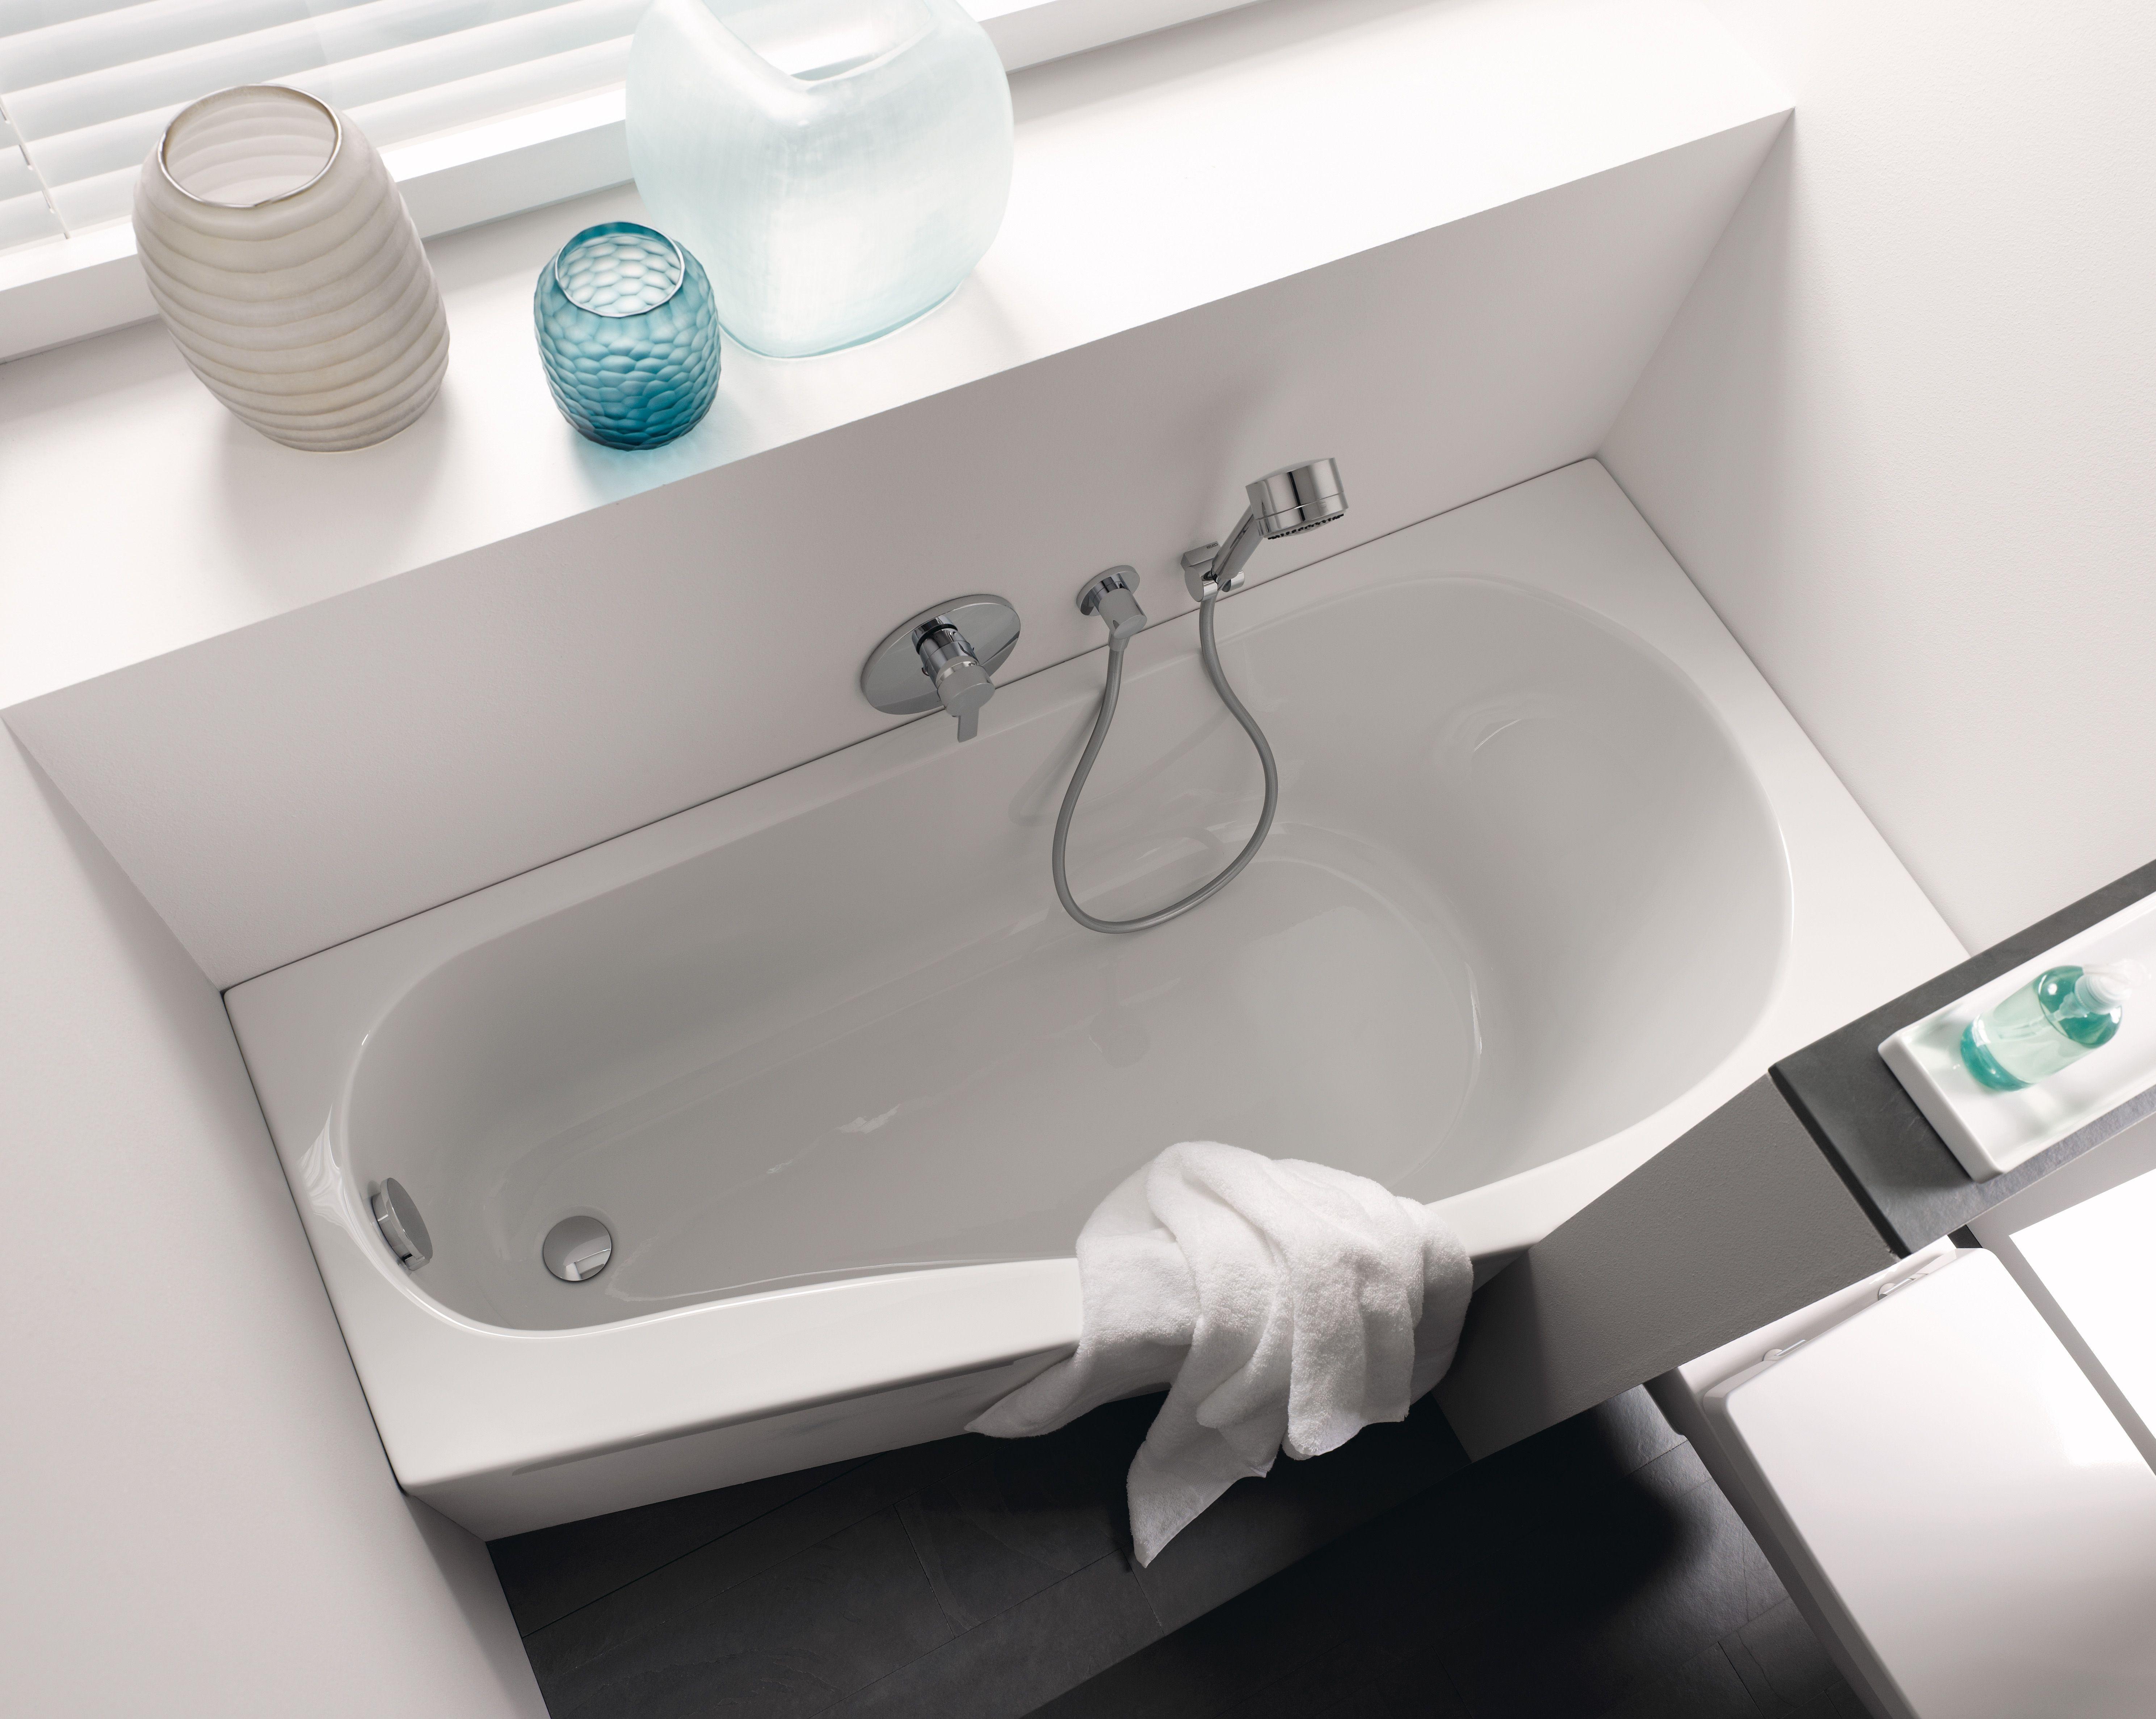 sphinx 320 bad extra smal bad voor in de kleinere badkamer